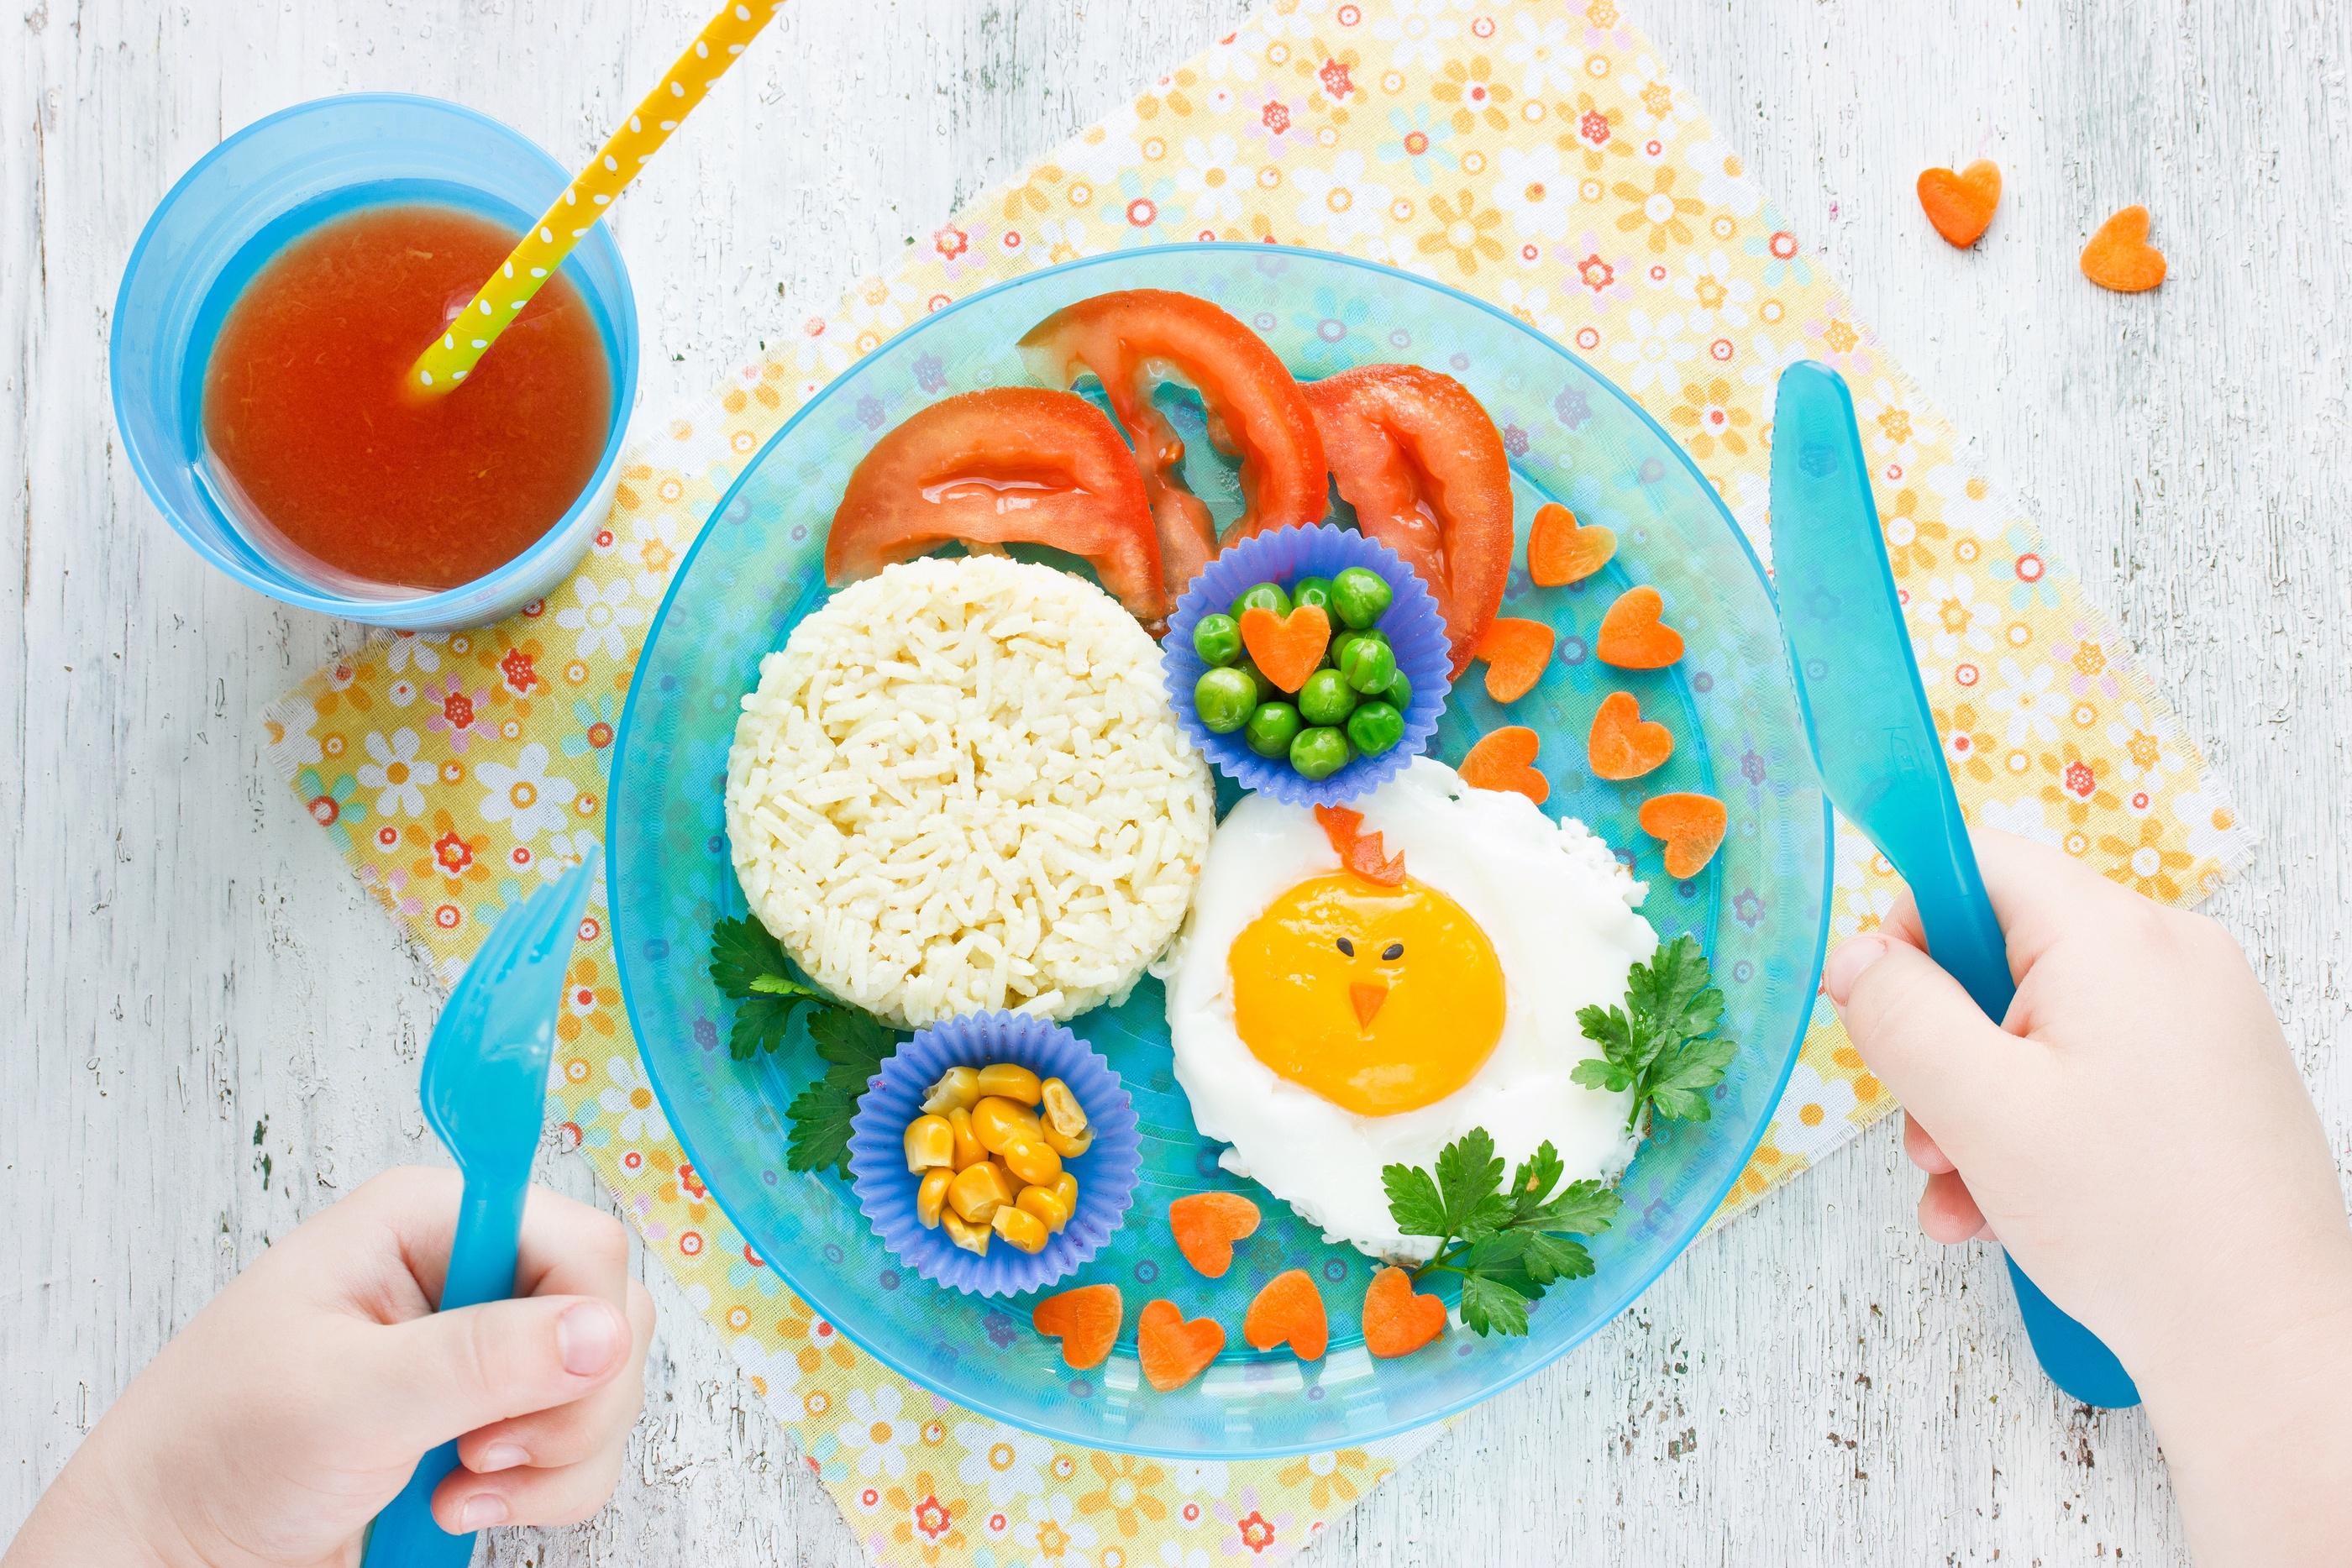 receta-huevos-alimentacion-complementaria-bebes-seismeses.jpg